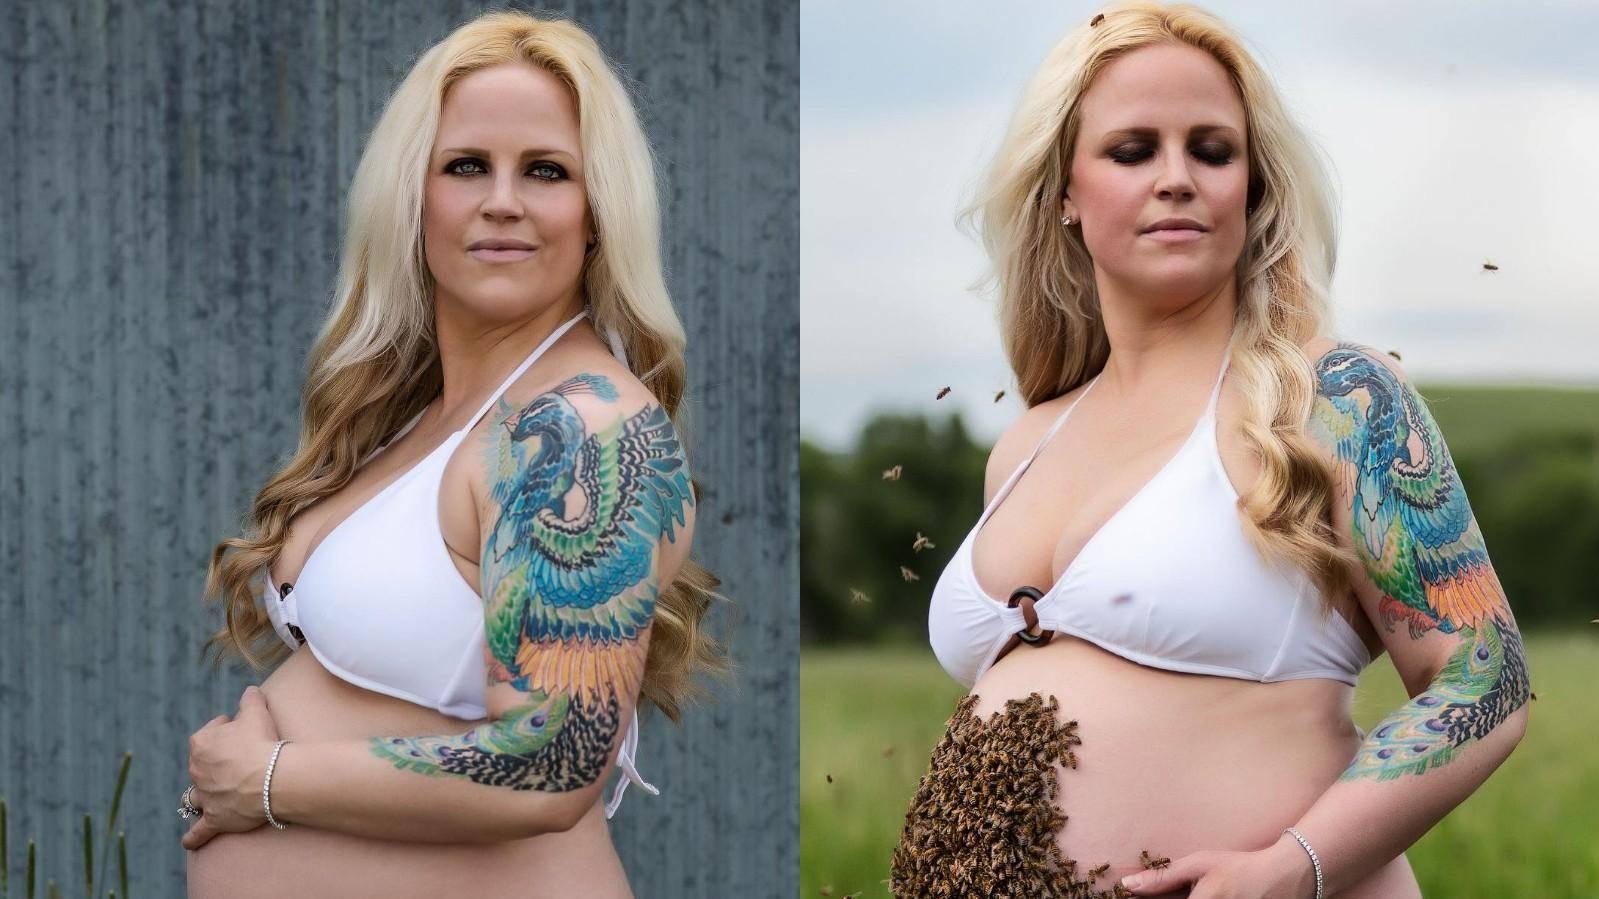 Беременная девушка ужаснула соцсети, устроив съёмку с 10 тысячами пчёл на животе